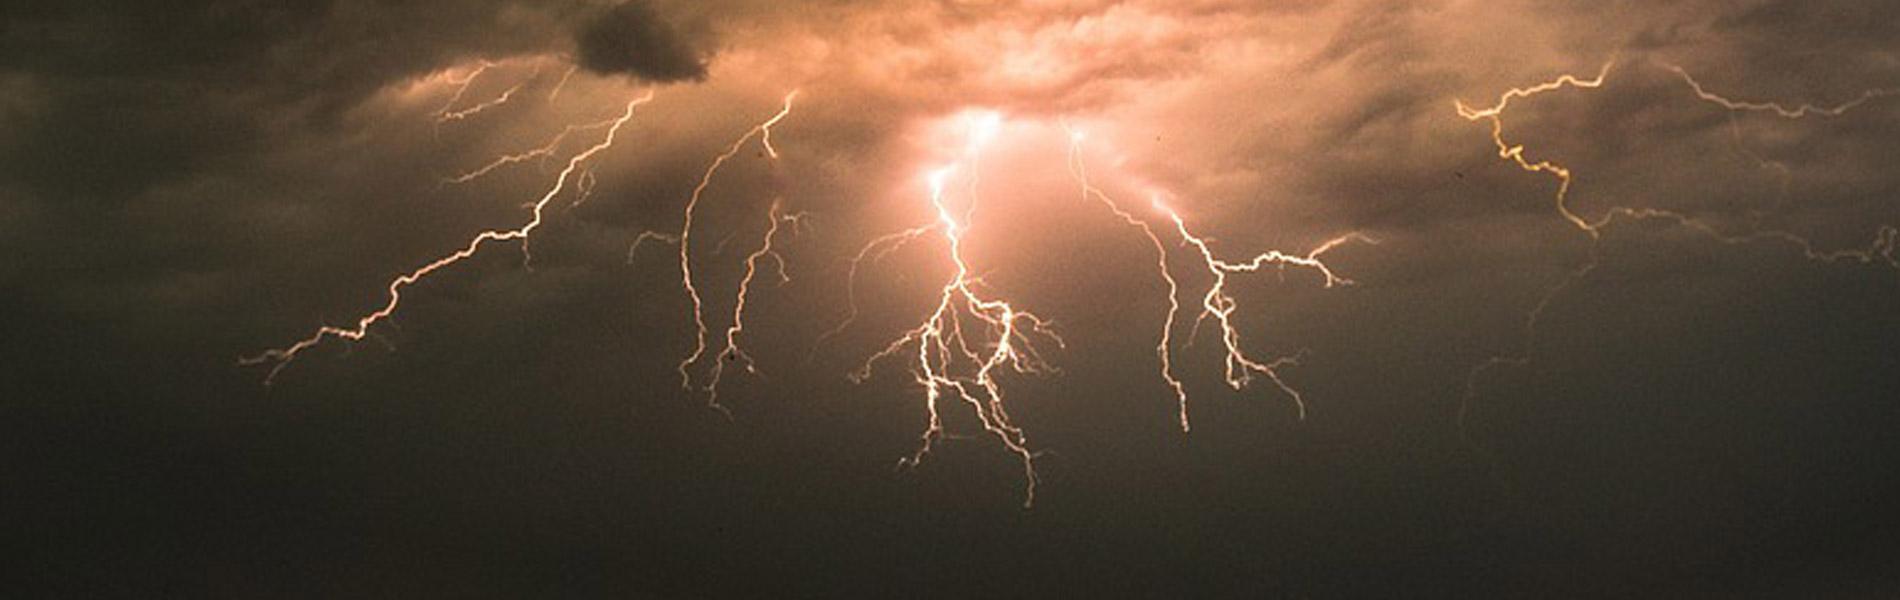 THE BROKEN WORLD – Thunder